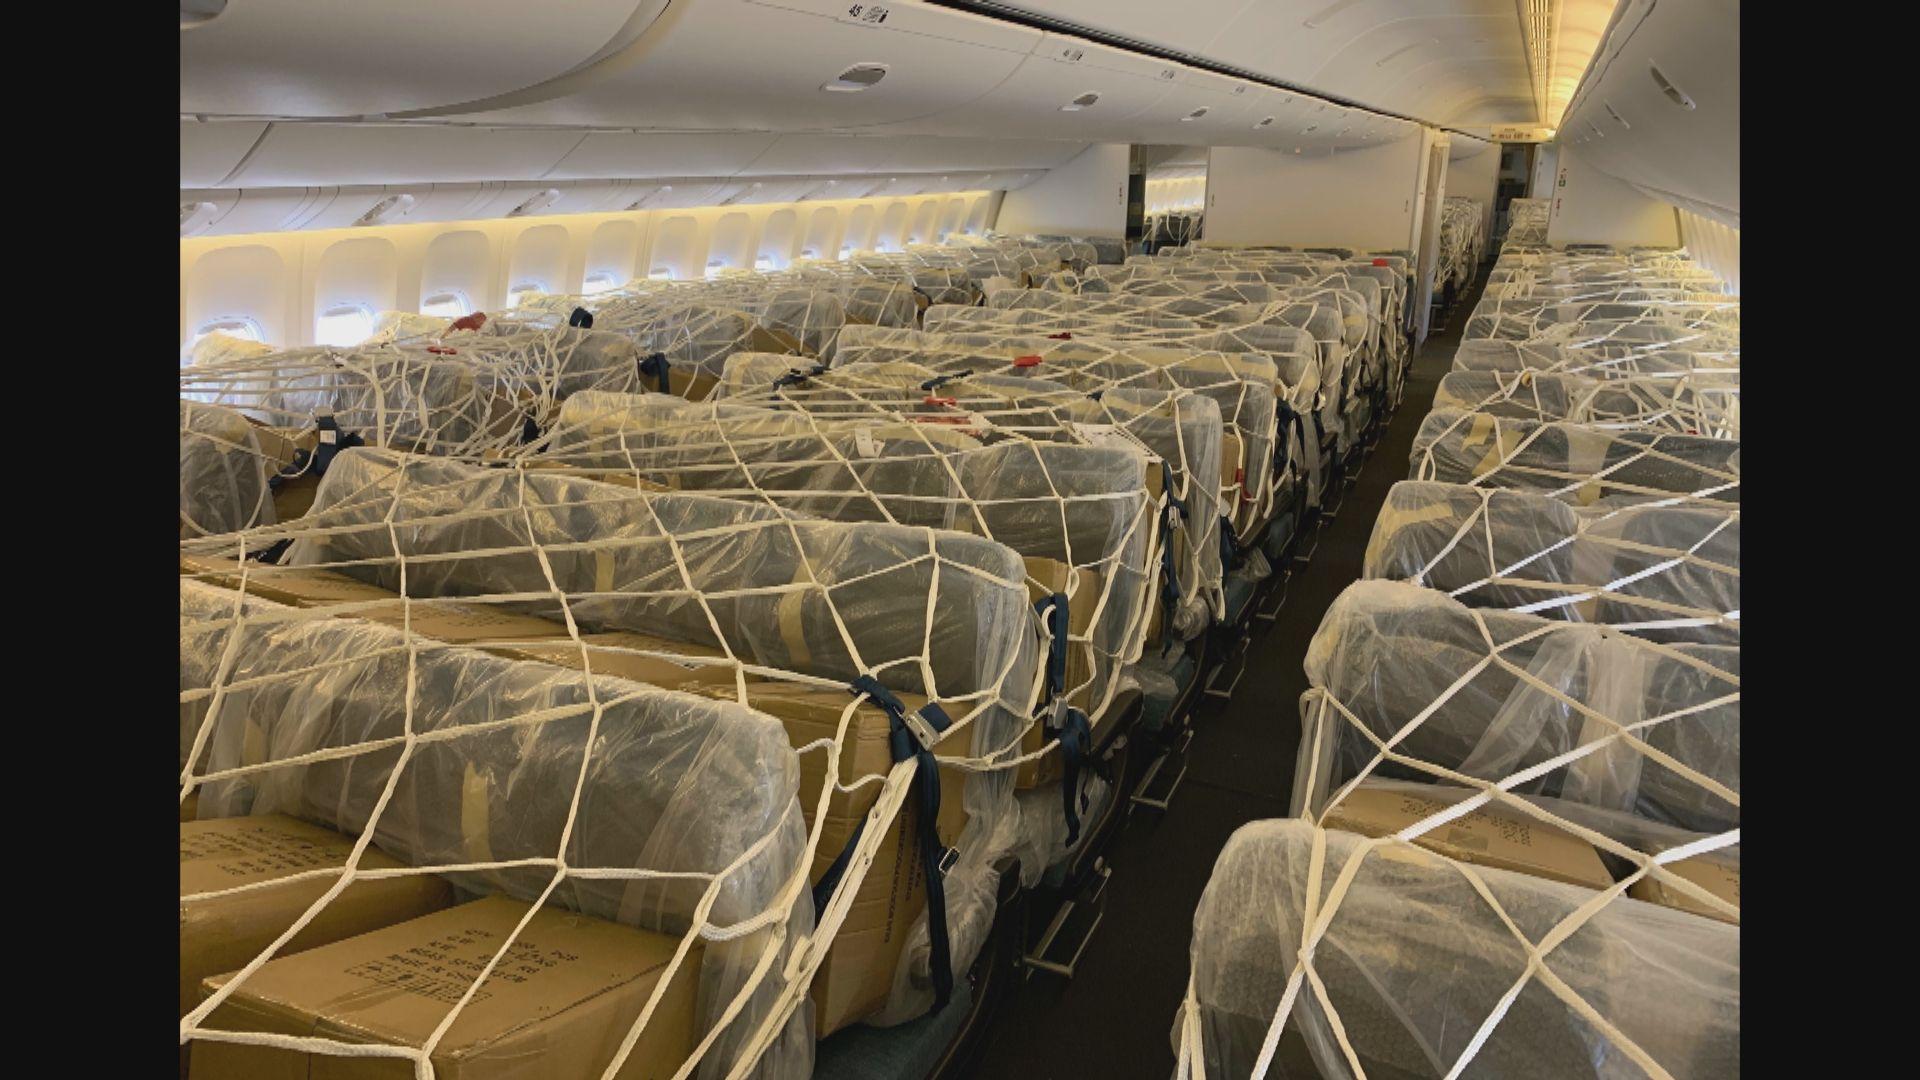 疫情下客運下降 部分客機改為貨機運送貨物